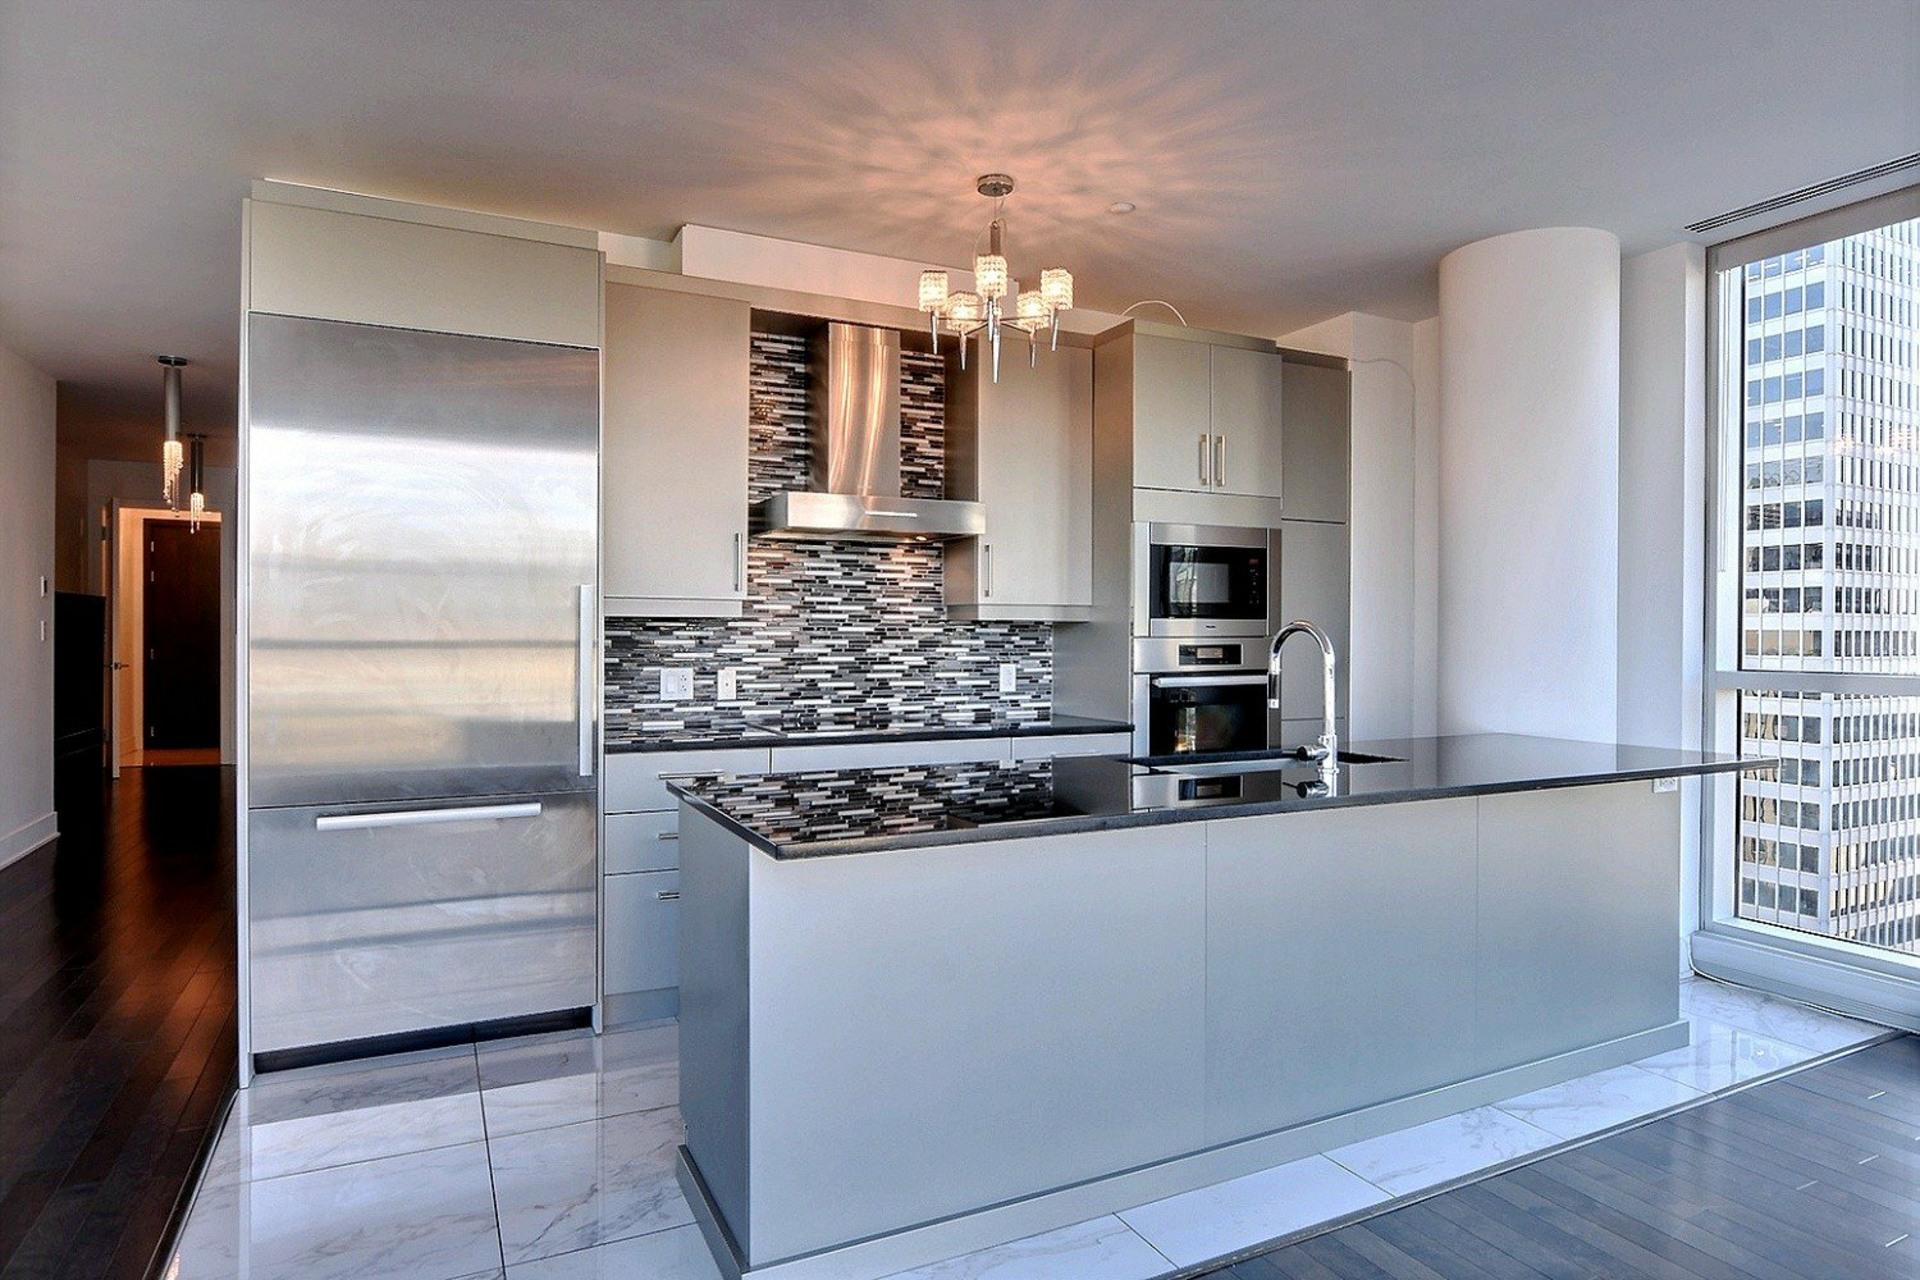 image 7 - Apartment For sale Montréal Ville-Marie  - 5 rooms